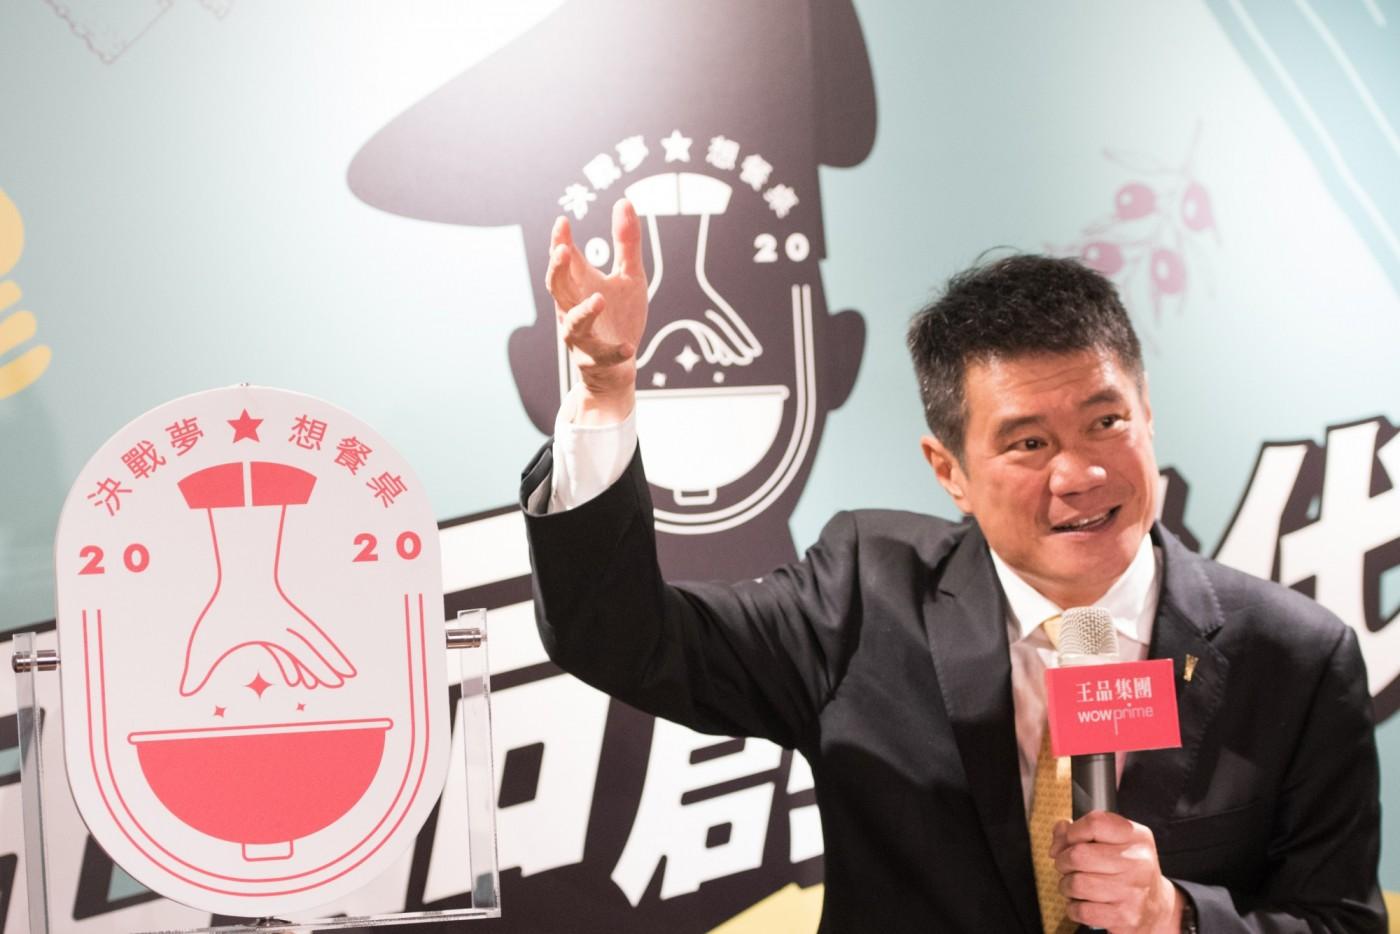 找回創業魂!王品砸5千萬元成立天使基金,投資台灣餐飲創業家